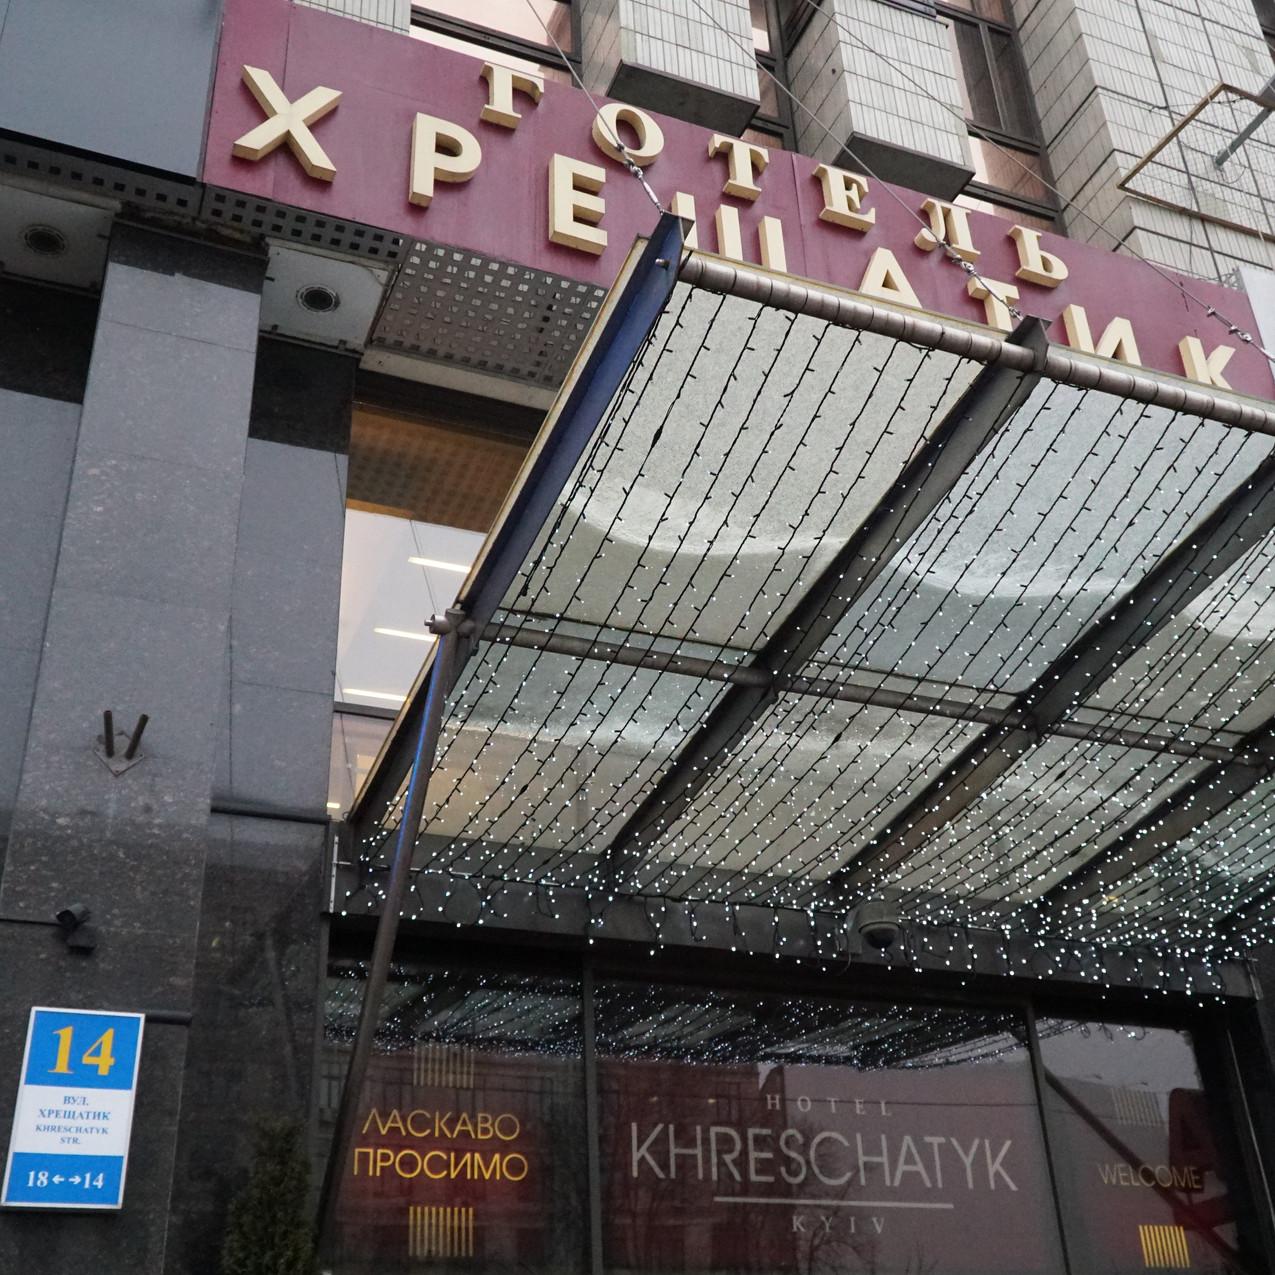 Hotel Khreschatyk